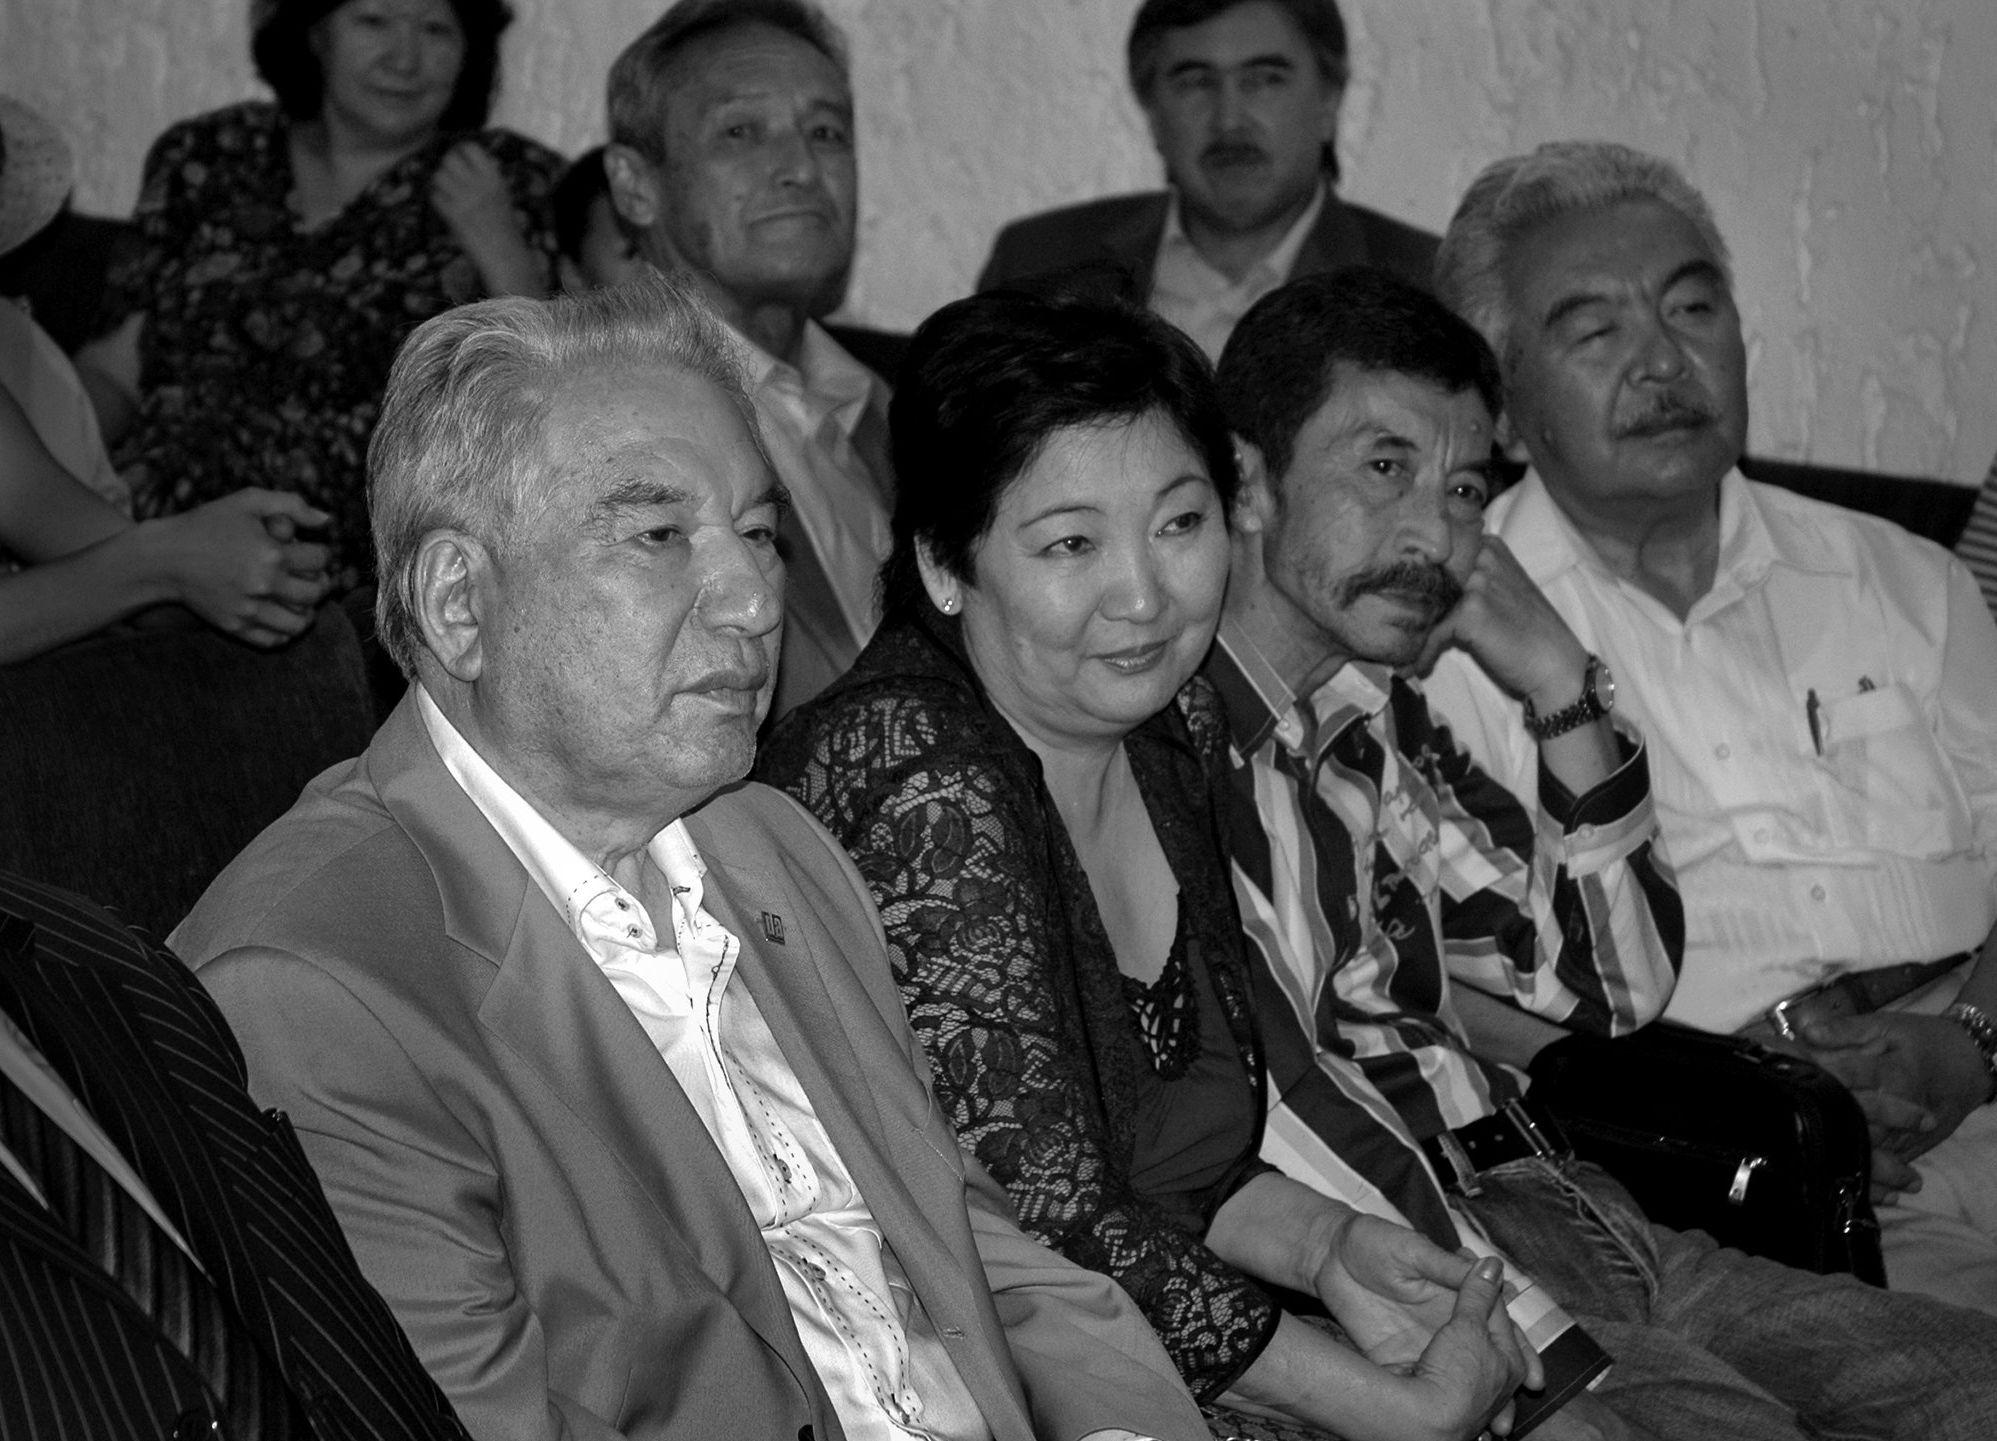 Писатель, герой Кыргызской Республики Чингиз Айтматов с женой Марией и режиссерами Геннадием Базаровым и Болотом Шамшиевым